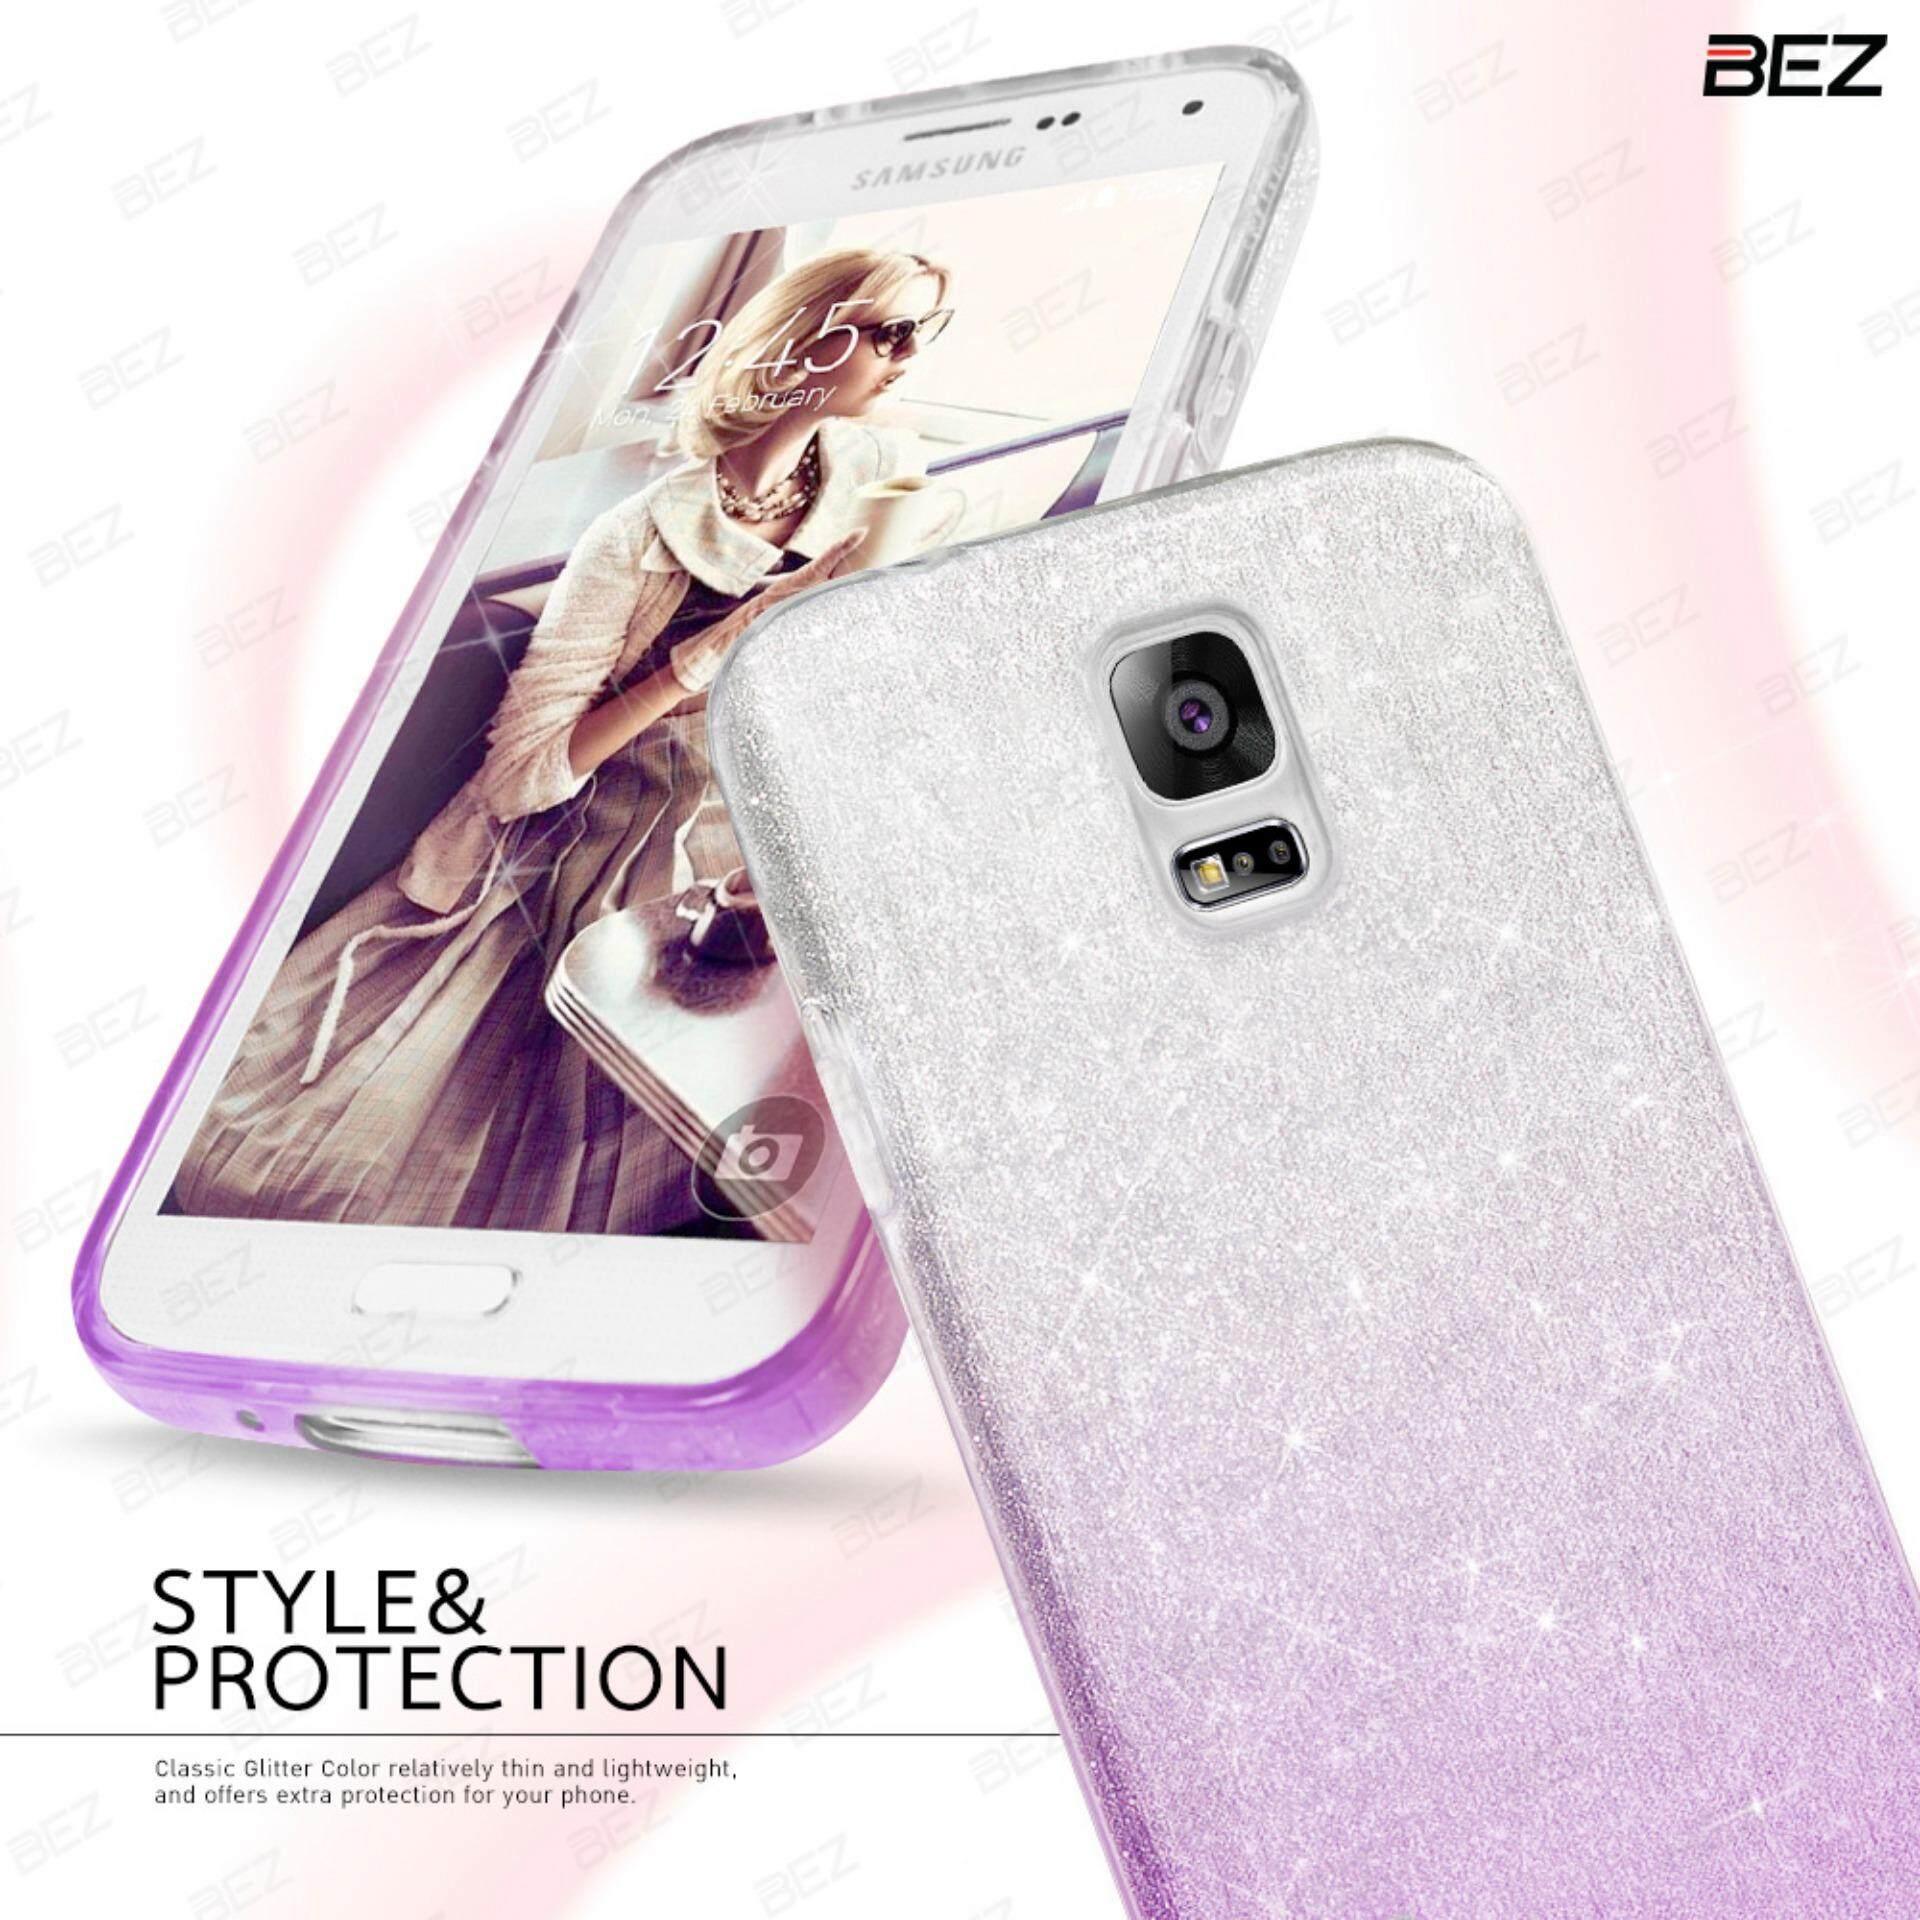 ขาย ซื้อ เคส ซัมซุง S5 เคส S5 เคส Sansung S5 Cases Galaxy S5 Bez® เคสมือถือ ฟรุ้งฟริ้ง คริสตัล ติดกากเพชร ซิลิโคน เคสฝาหลัง กันกระแทก Bez® Samsung Galaxy S5 Glitter Bling Bling Phone Case Jg2 Gs5 ใน กรุงเทพมหานคร